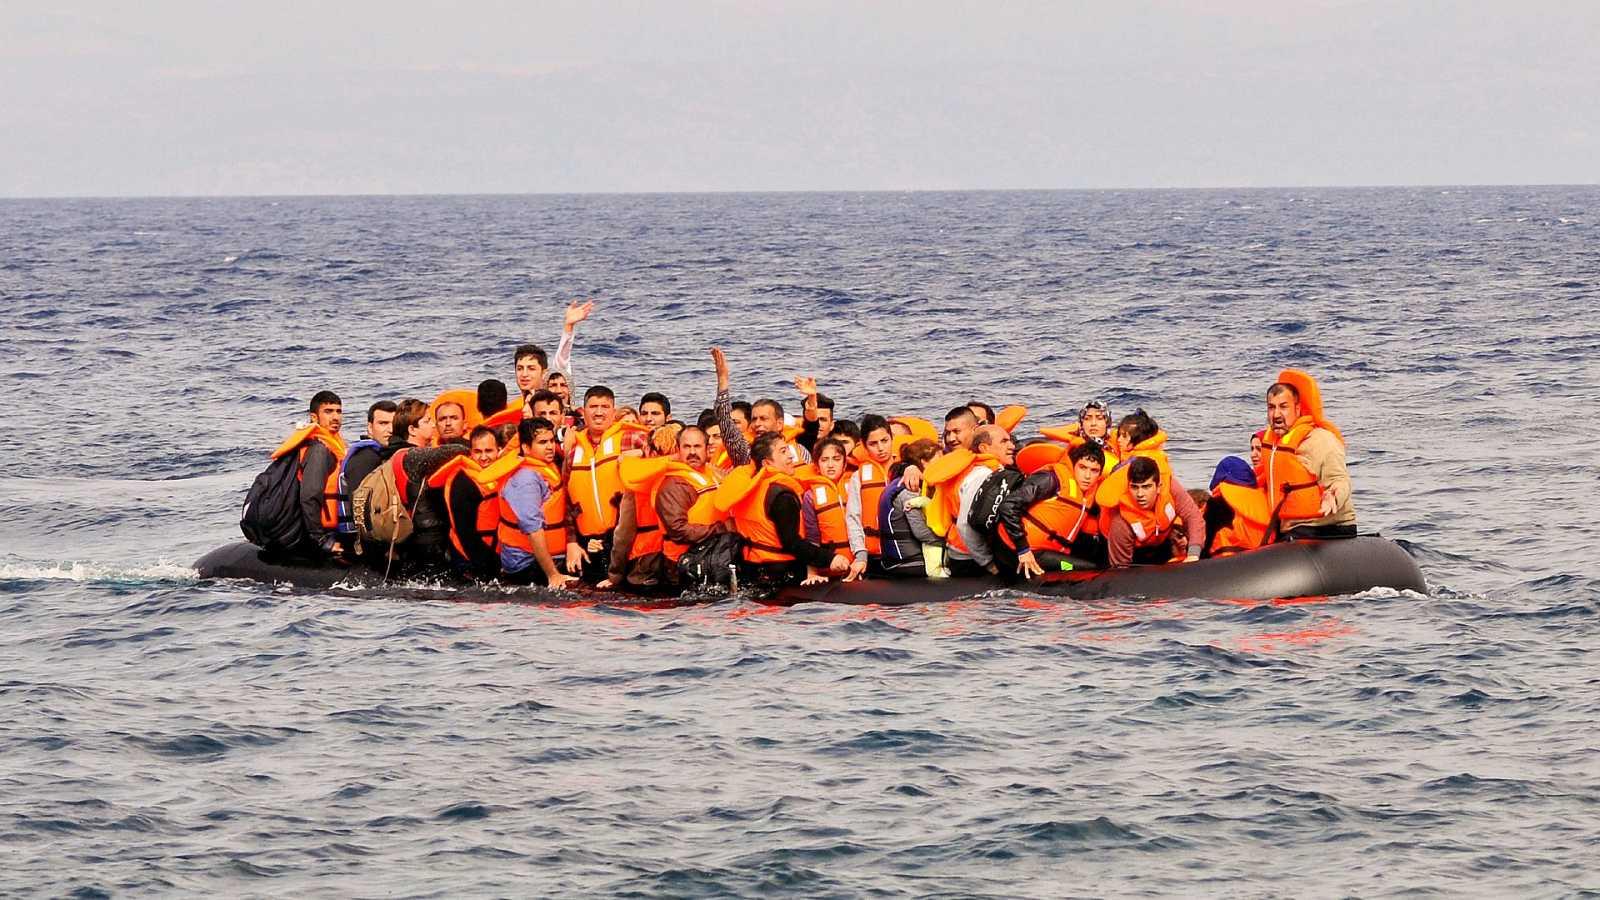 Cinco pistas - Canciones para una crisis migratoria - 18/11/20 - escuchar ahora